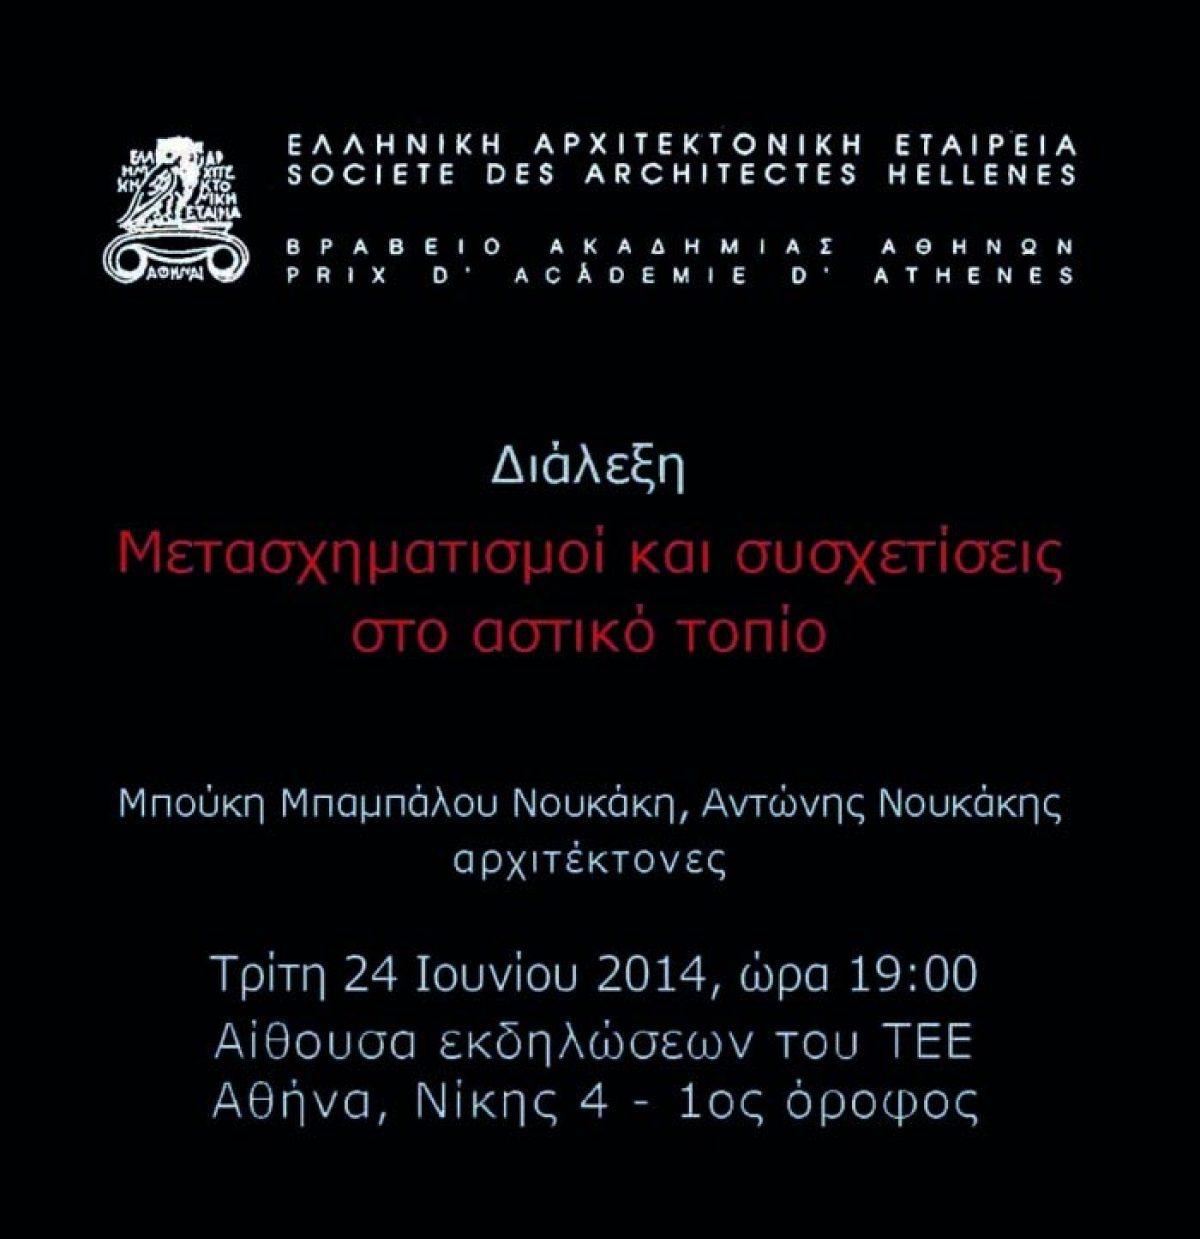 """Διάλεξη: """"Μετασχηματισμοί και συσχετίσεις στο αστικό τοπίο"""" – Μπ. Μπαμπάλου Νουκάκη, Α. Νουκάκης, Τρίτη 24.06.14"""